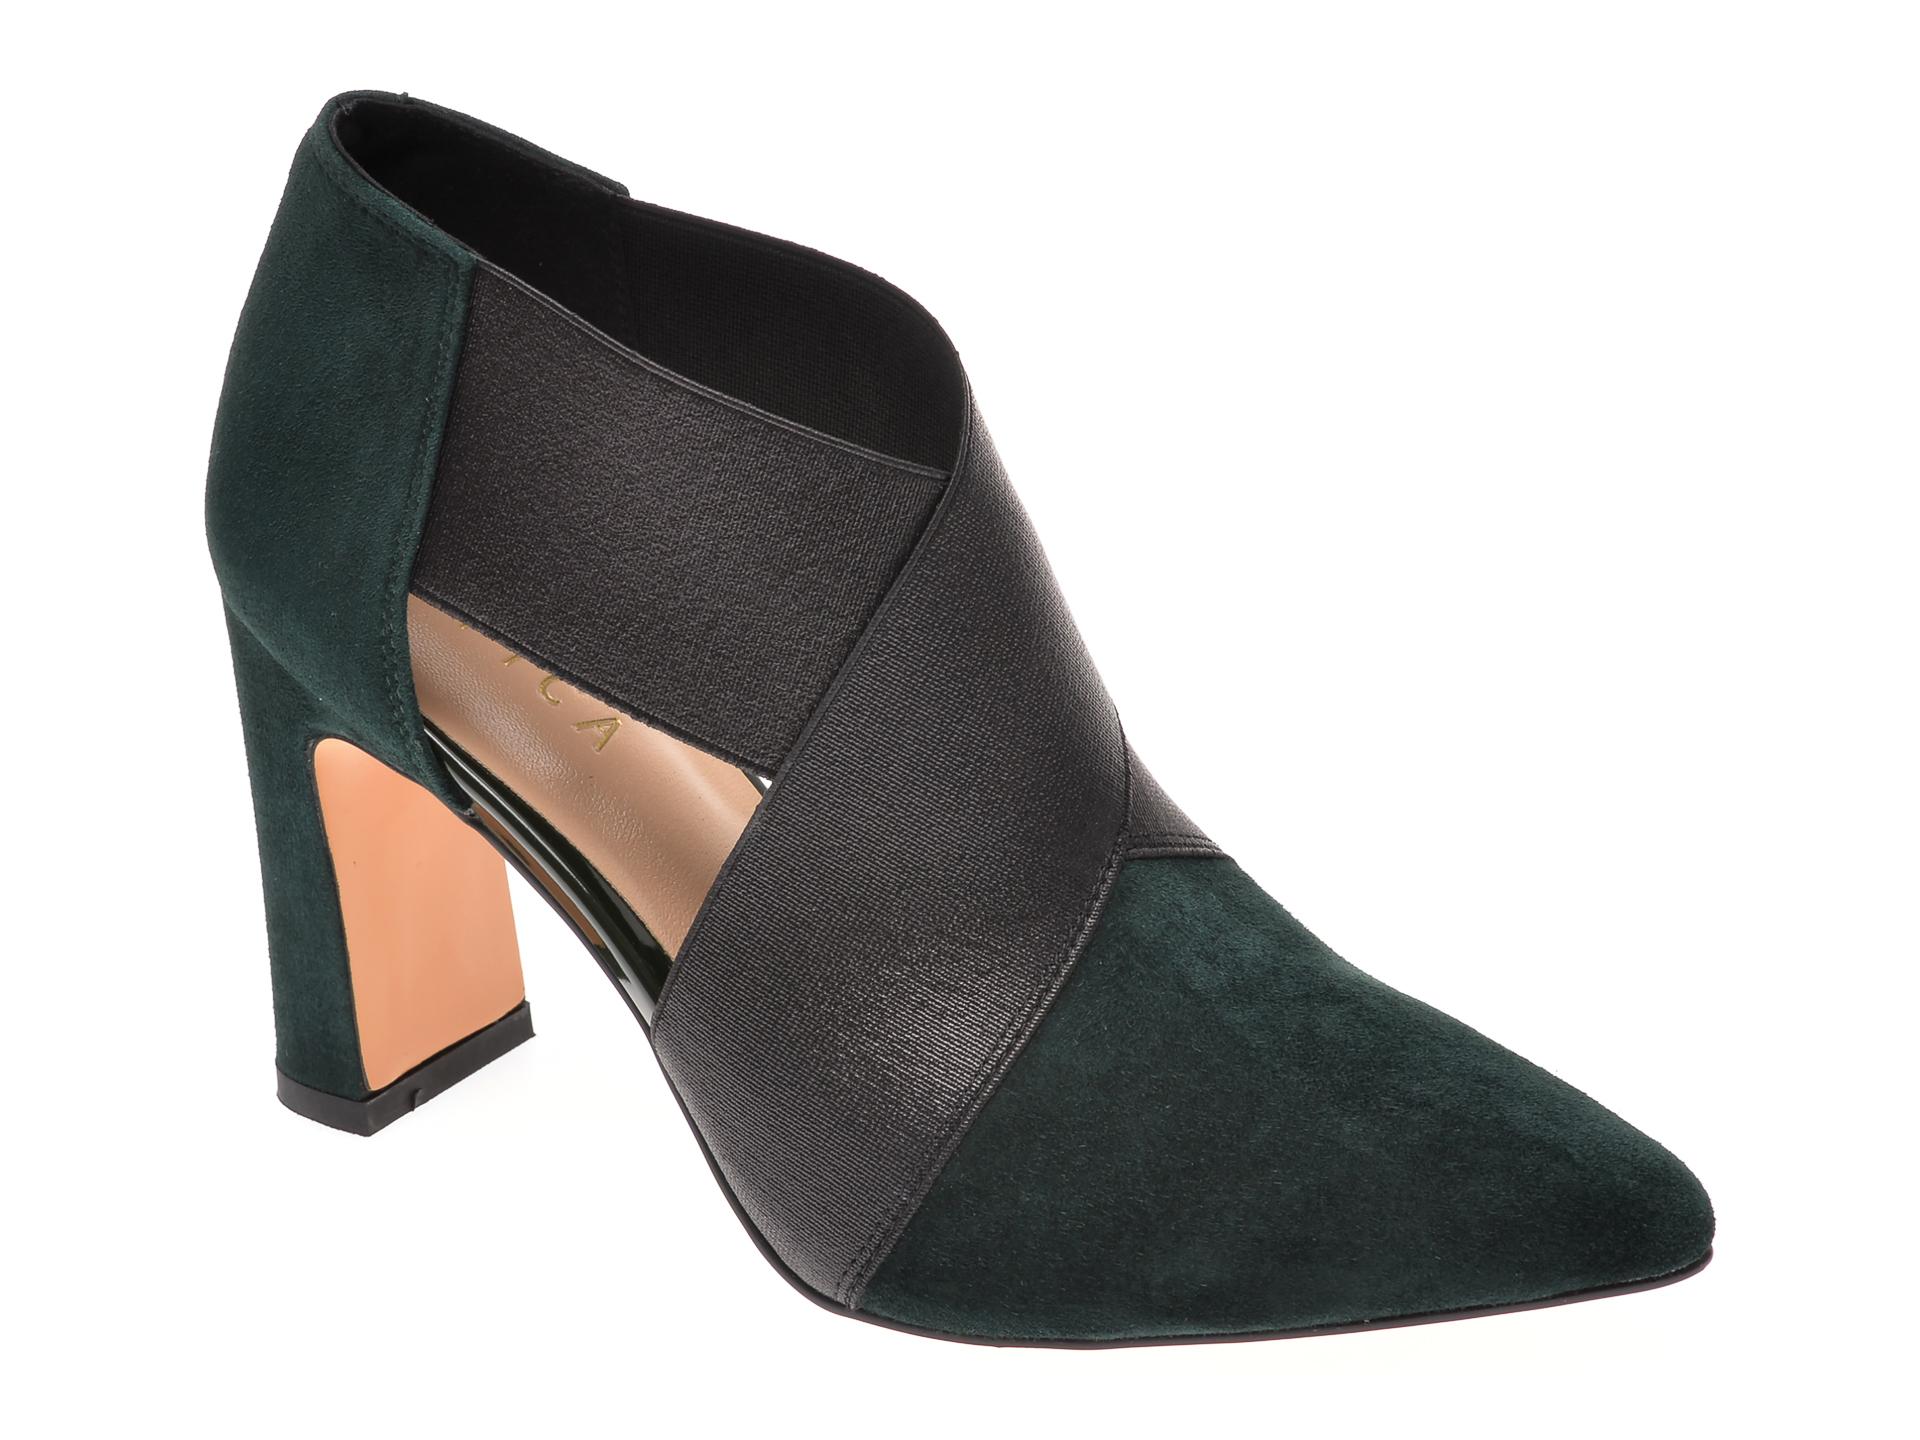 Pantofi EPICA verzi, 2631809, din piele intoarsa